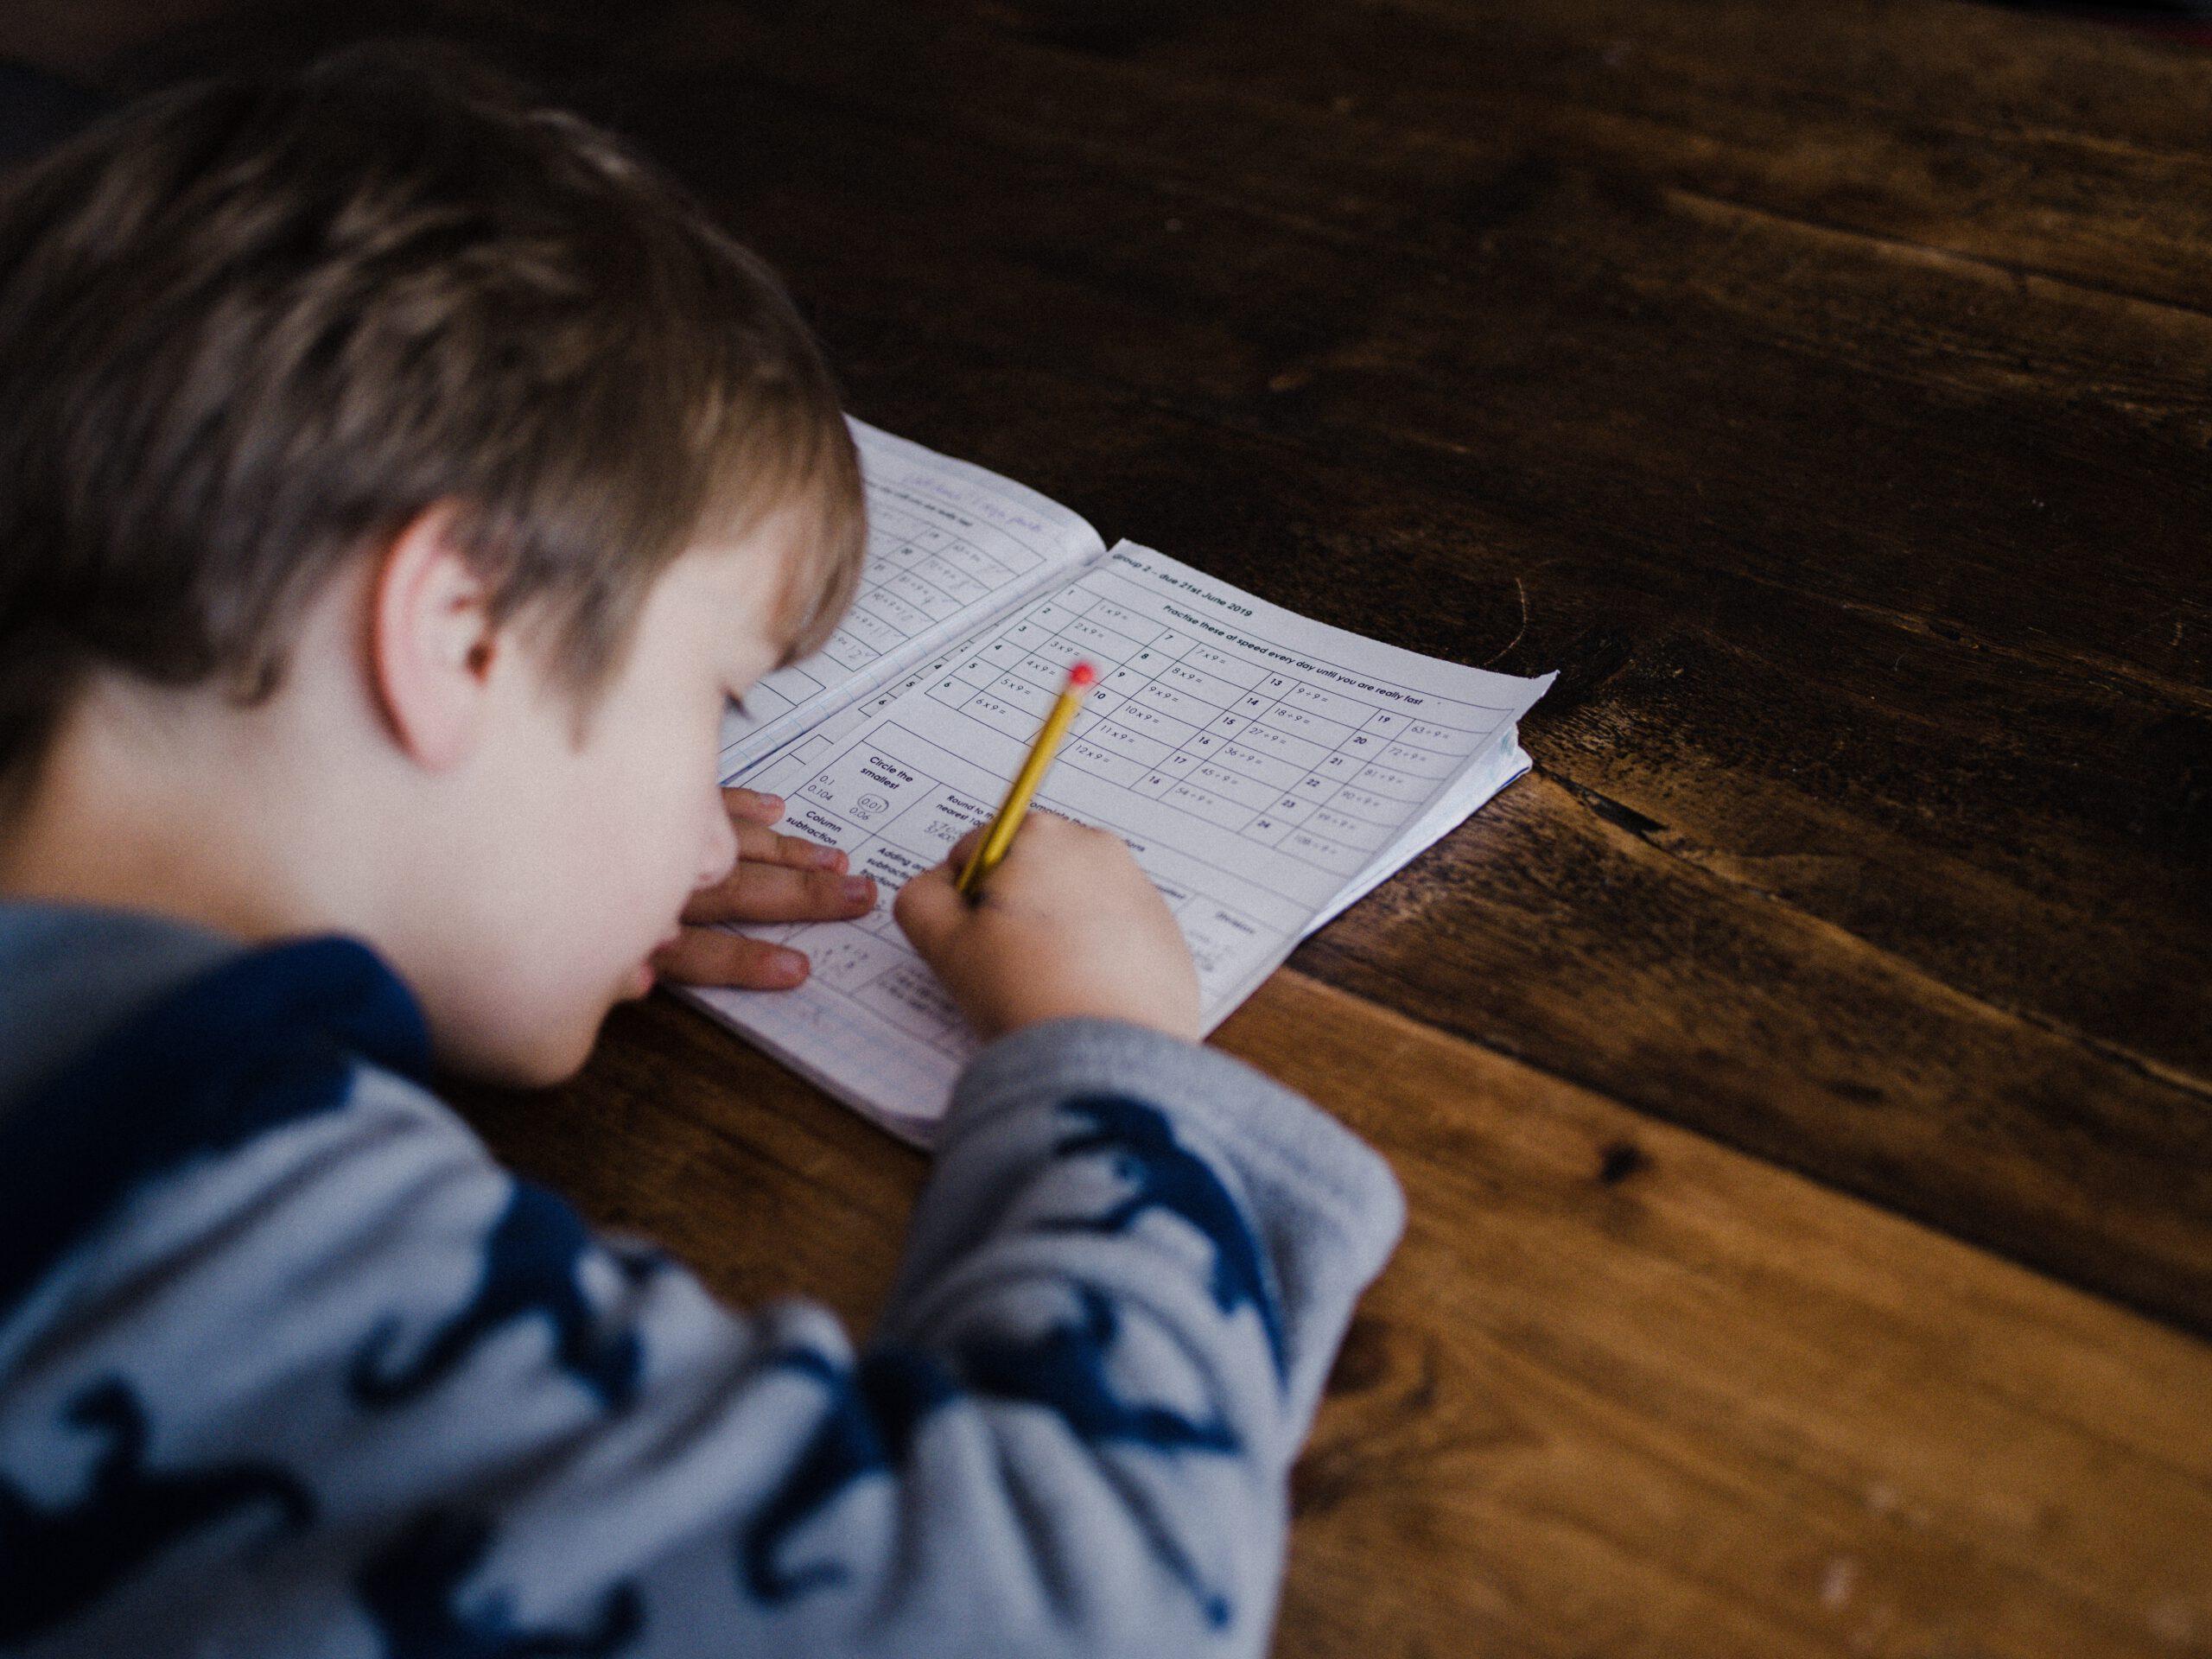 Poika kirjoittaa vihkoon